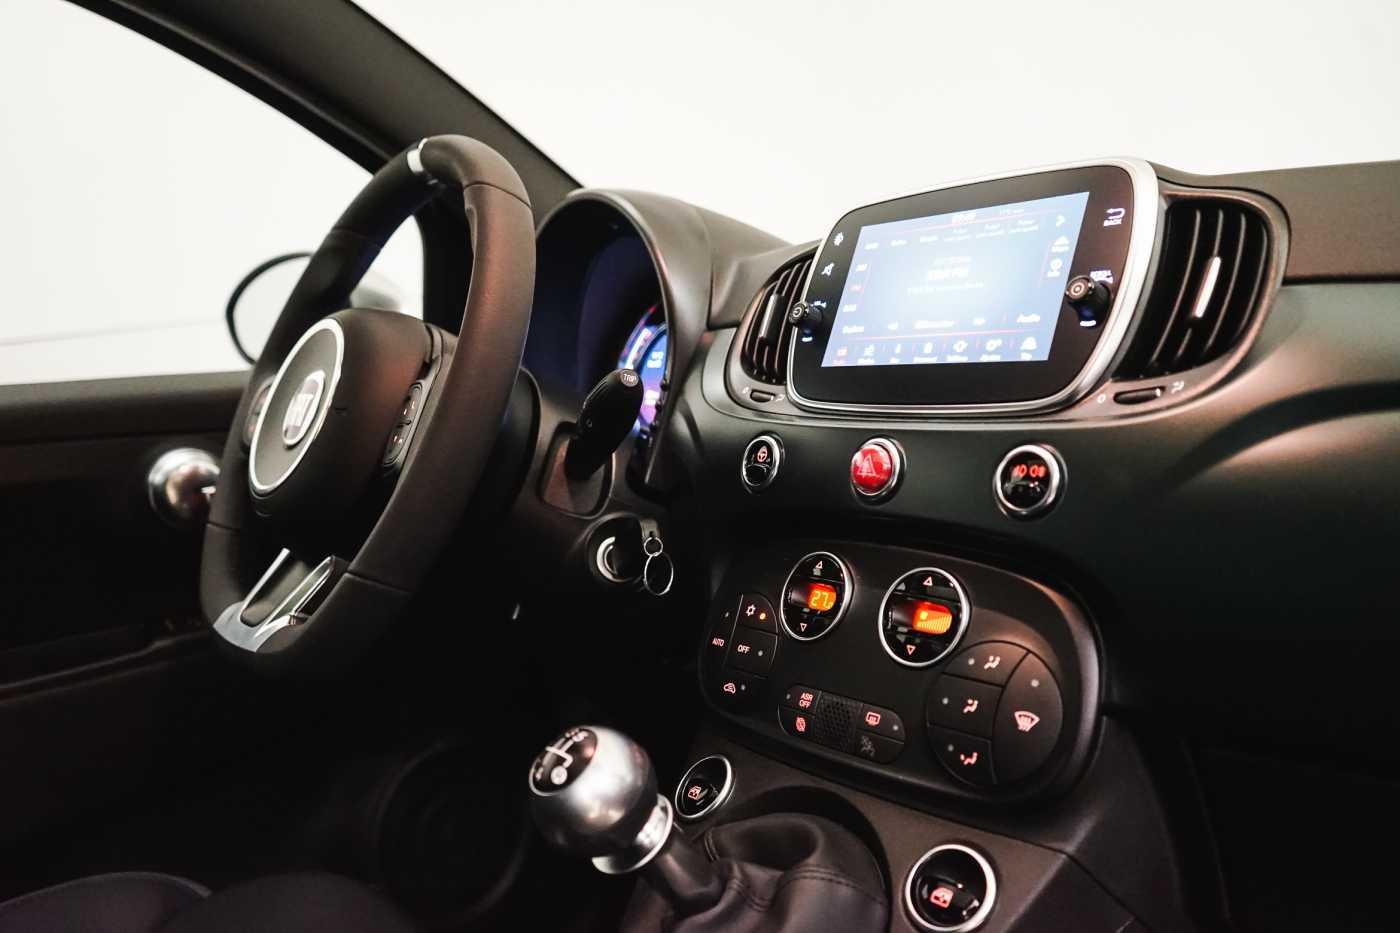 Fiat 500 1.2i Rockstar (EU6d-TEMP) 13/29